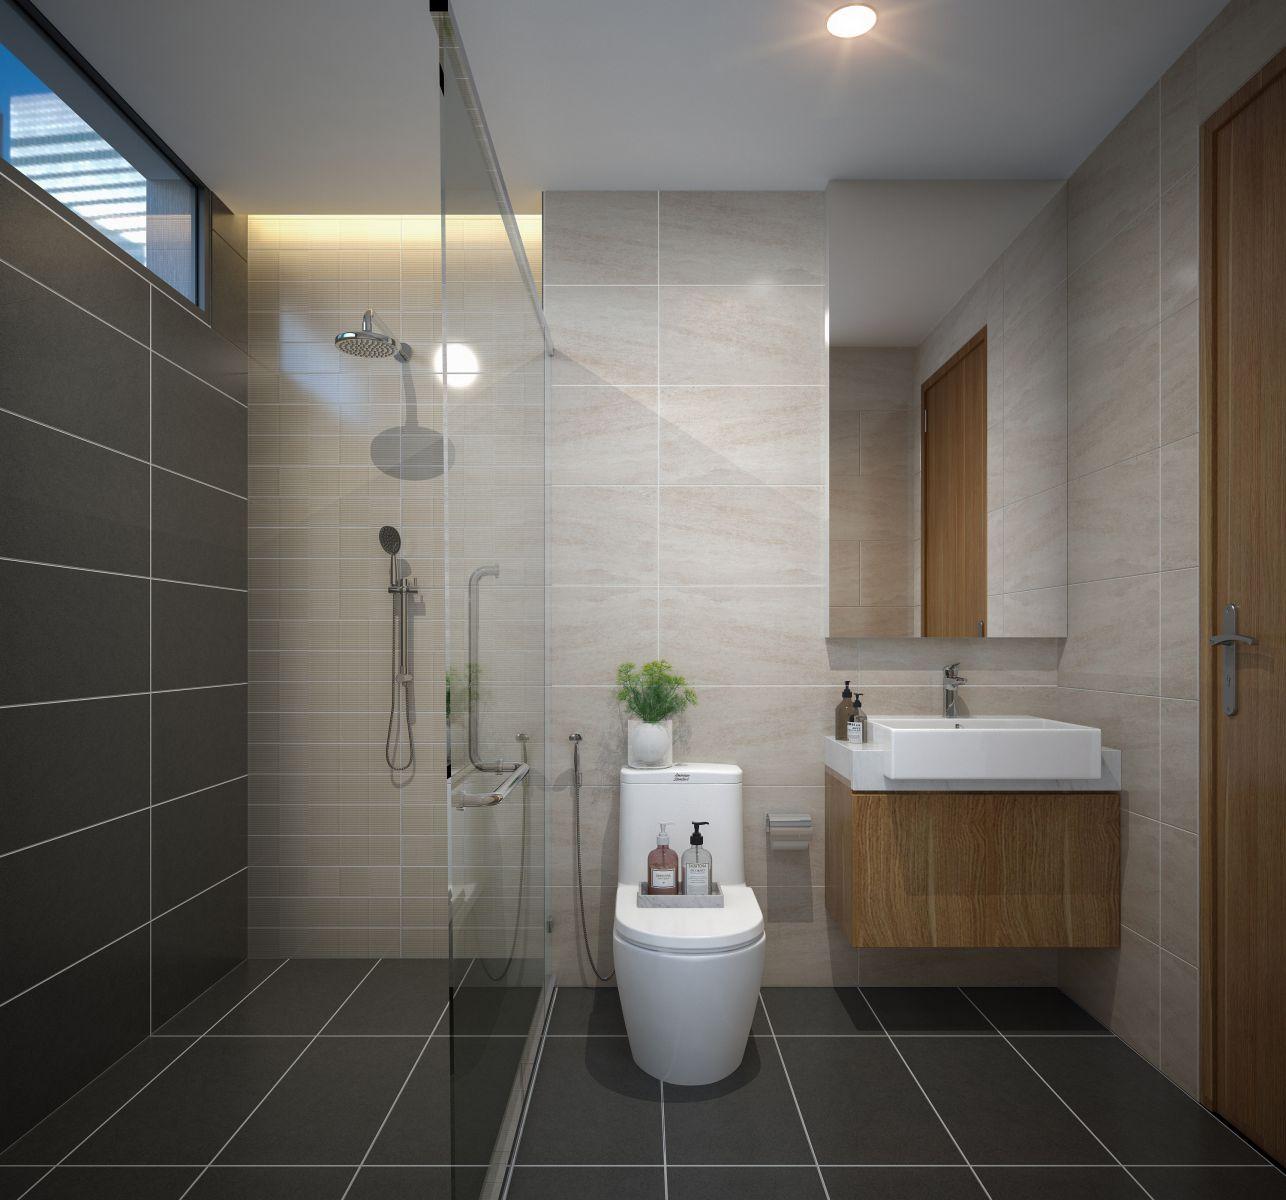 Charmington Tan Son Nhat toilet